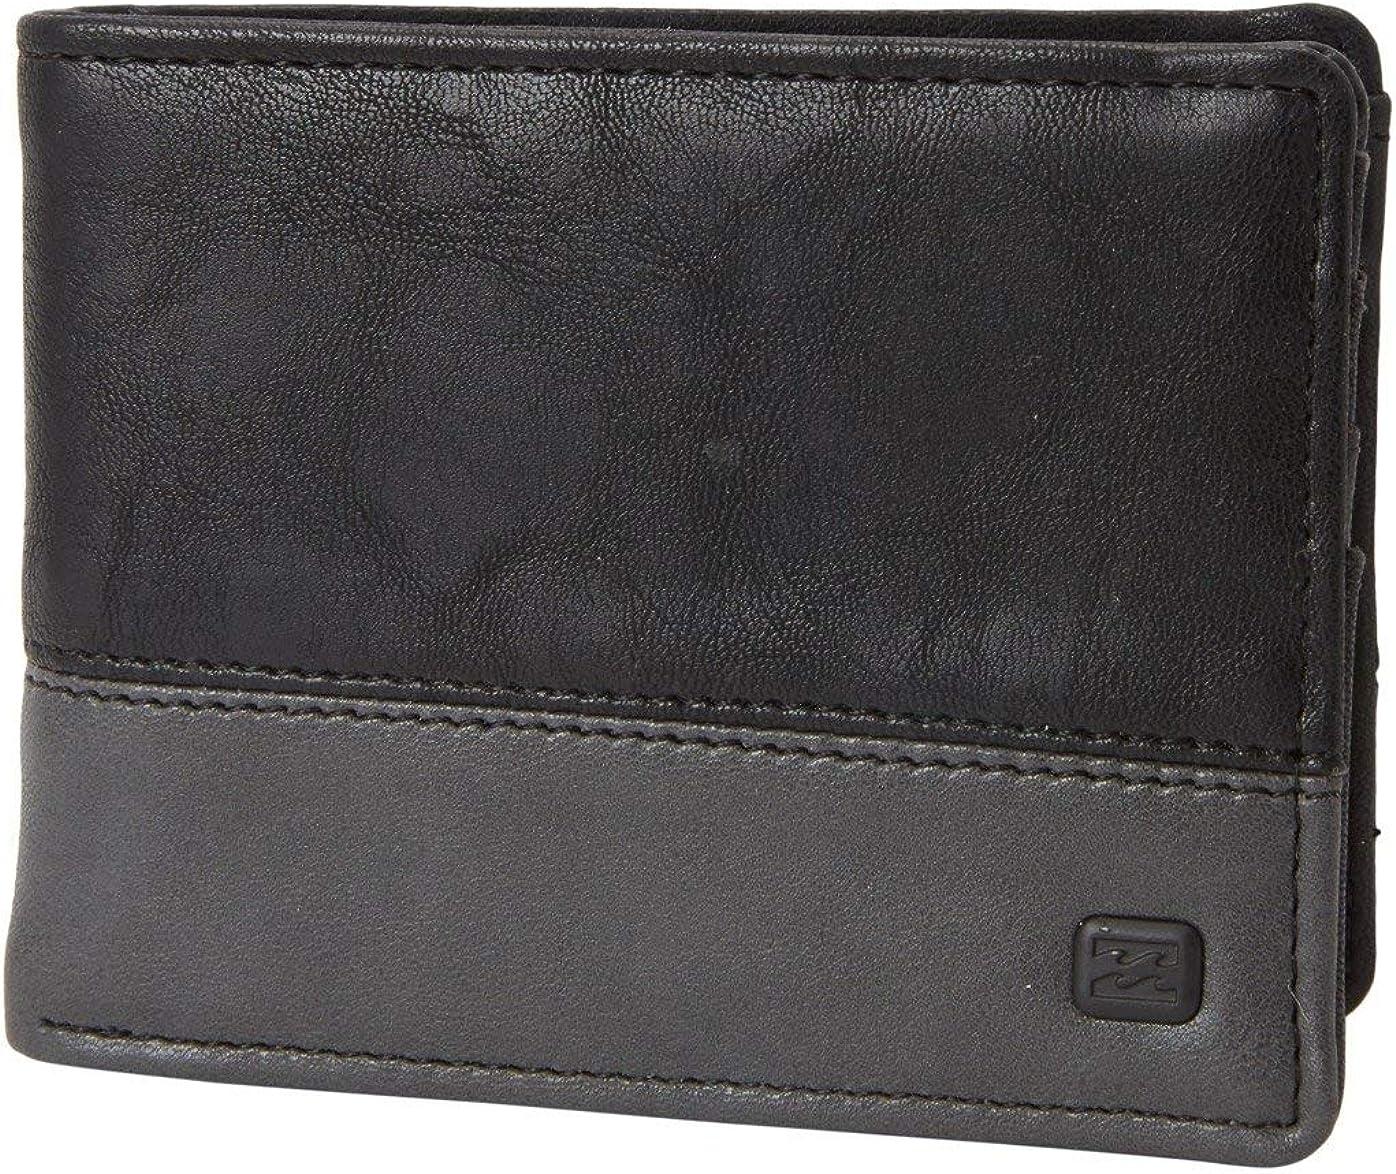 Dimension - Wallet for Men